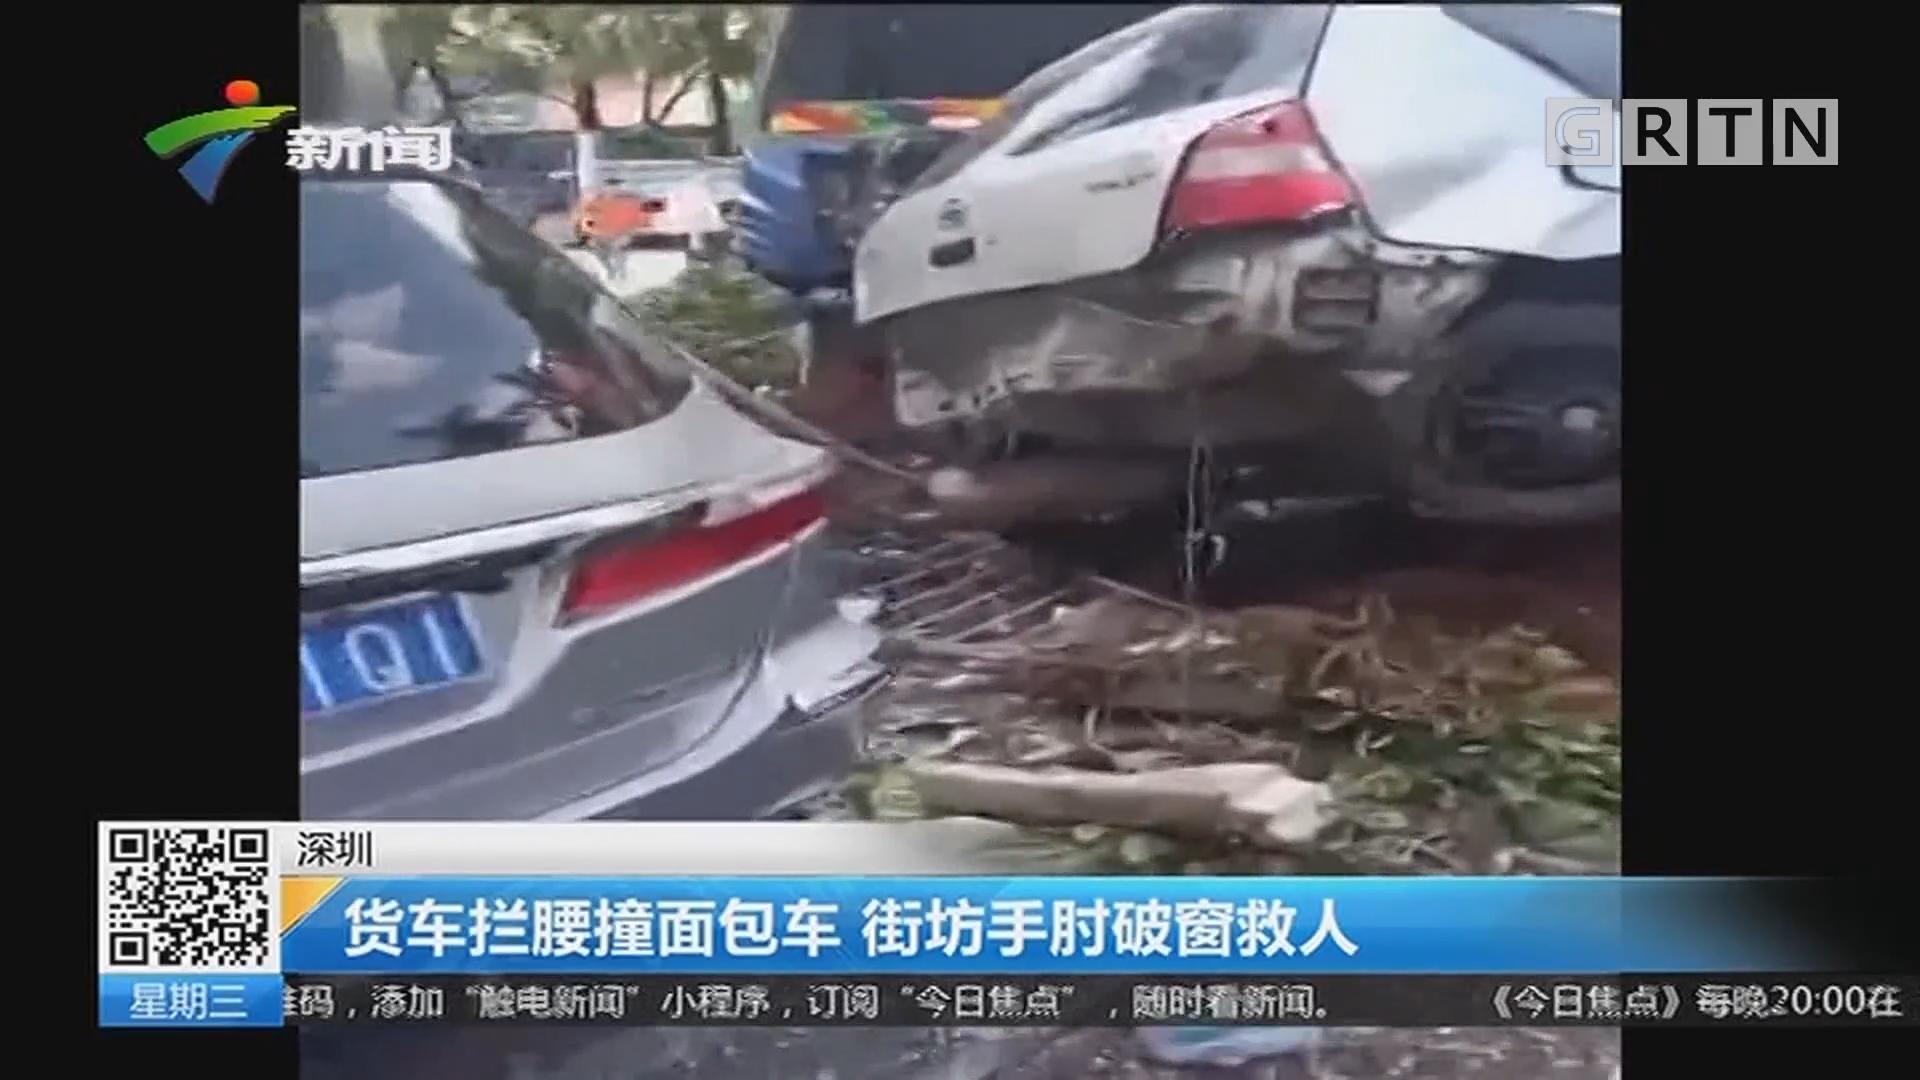 深圳:货车拦腰撞面包车 街坊手肘破窗救人